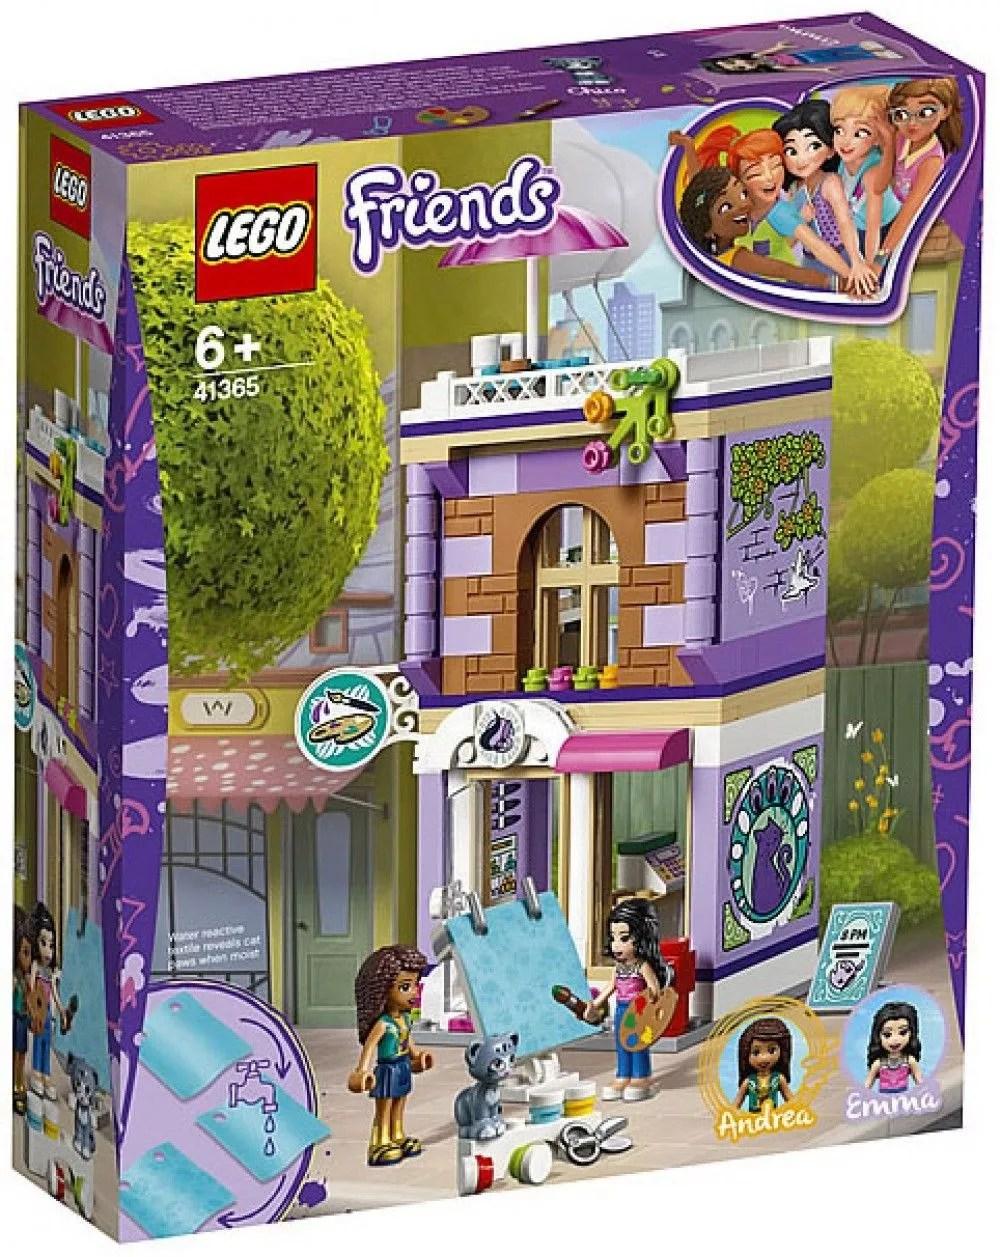 Aperu Des Nouveaux LEGO Friends De 2019